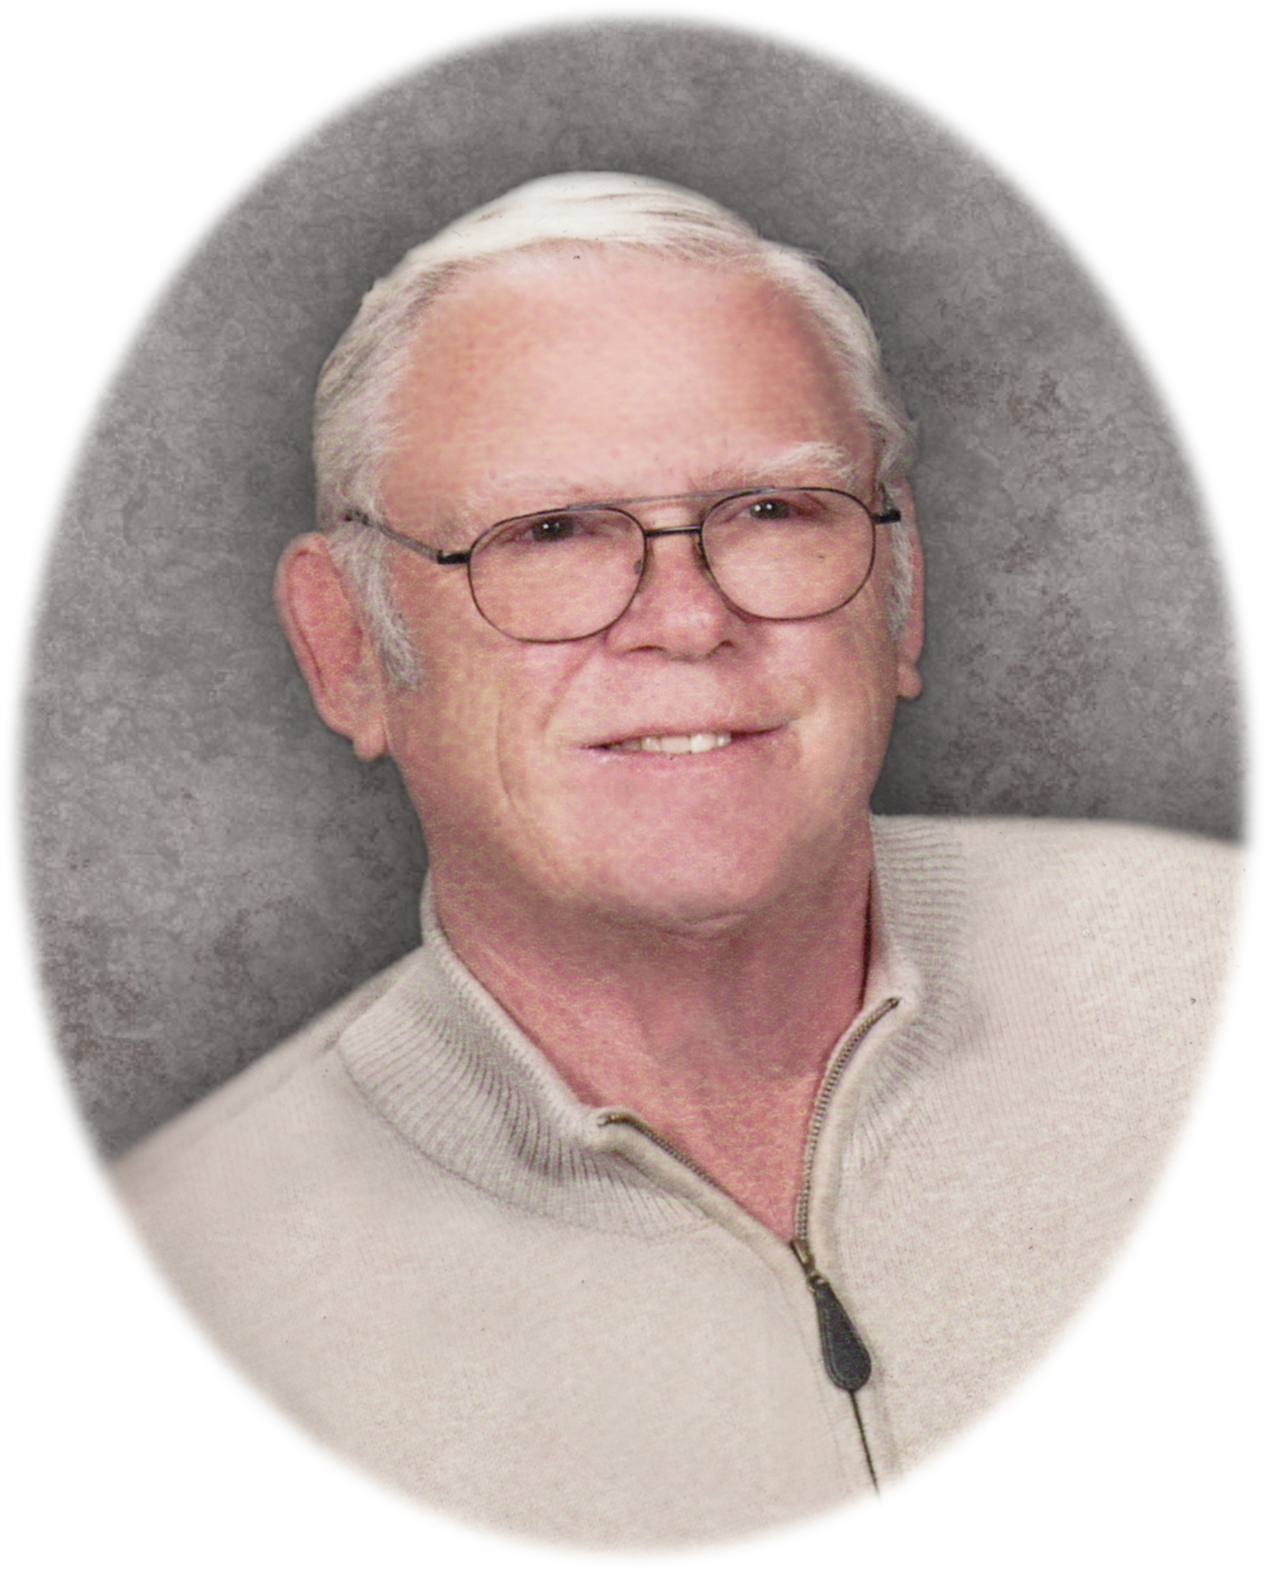 James M. Hartmann